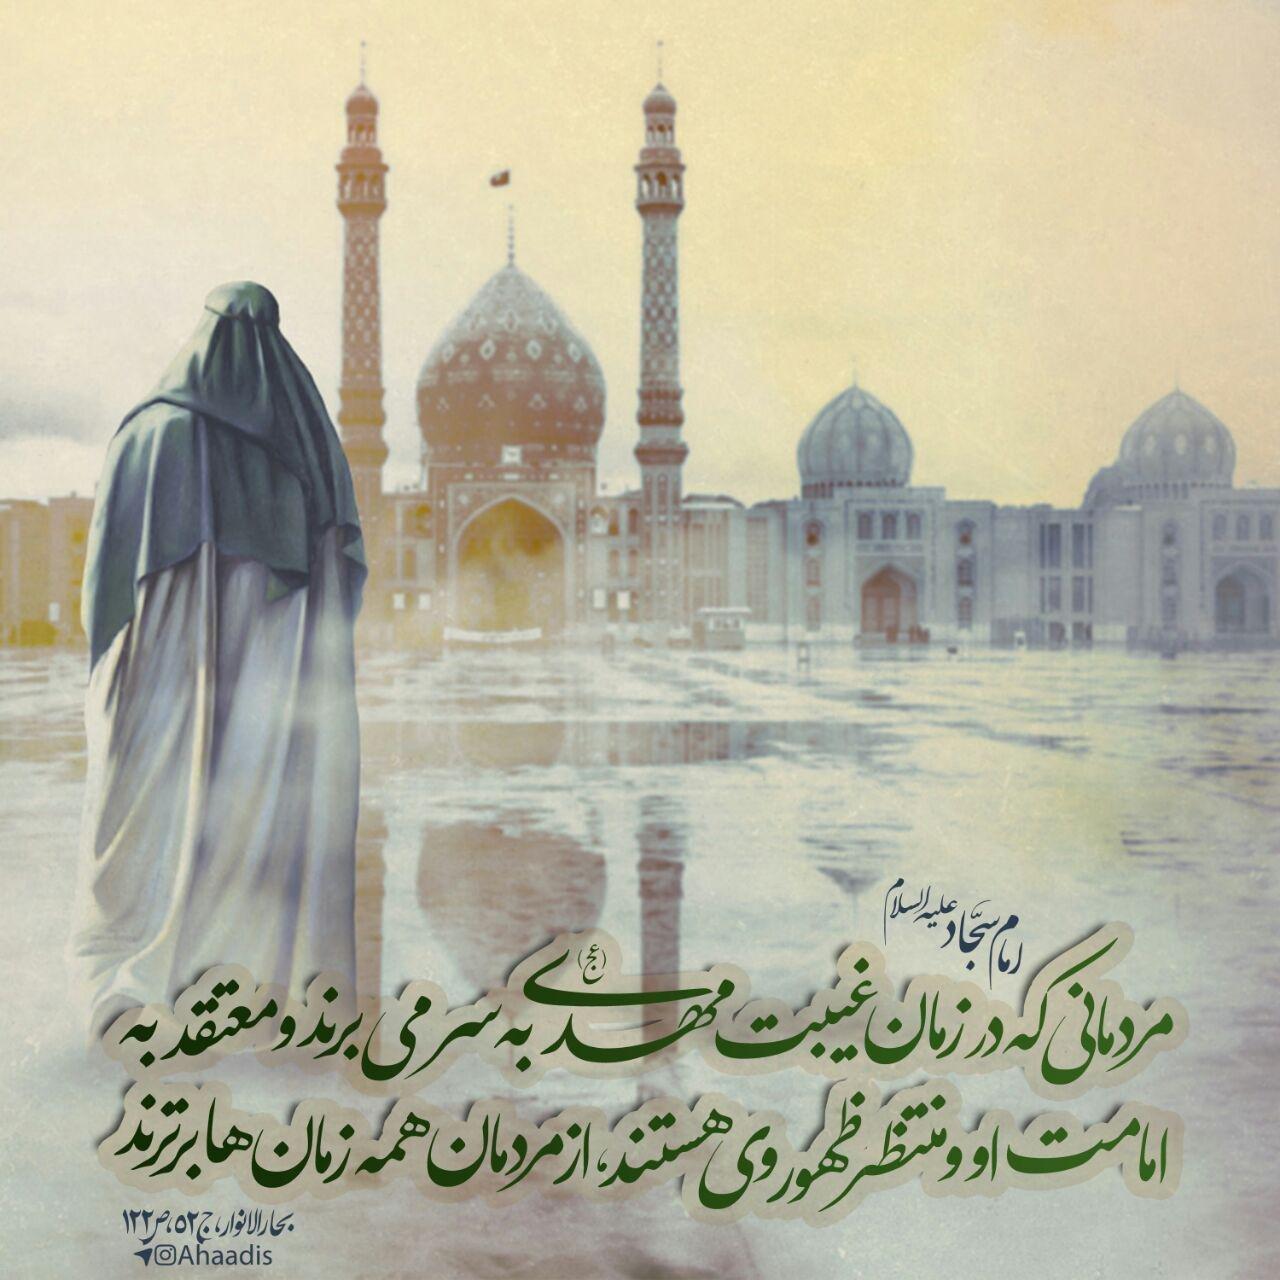 بهترین عکس نوشته تبریک ولادت امام سجاد برای پروفایل